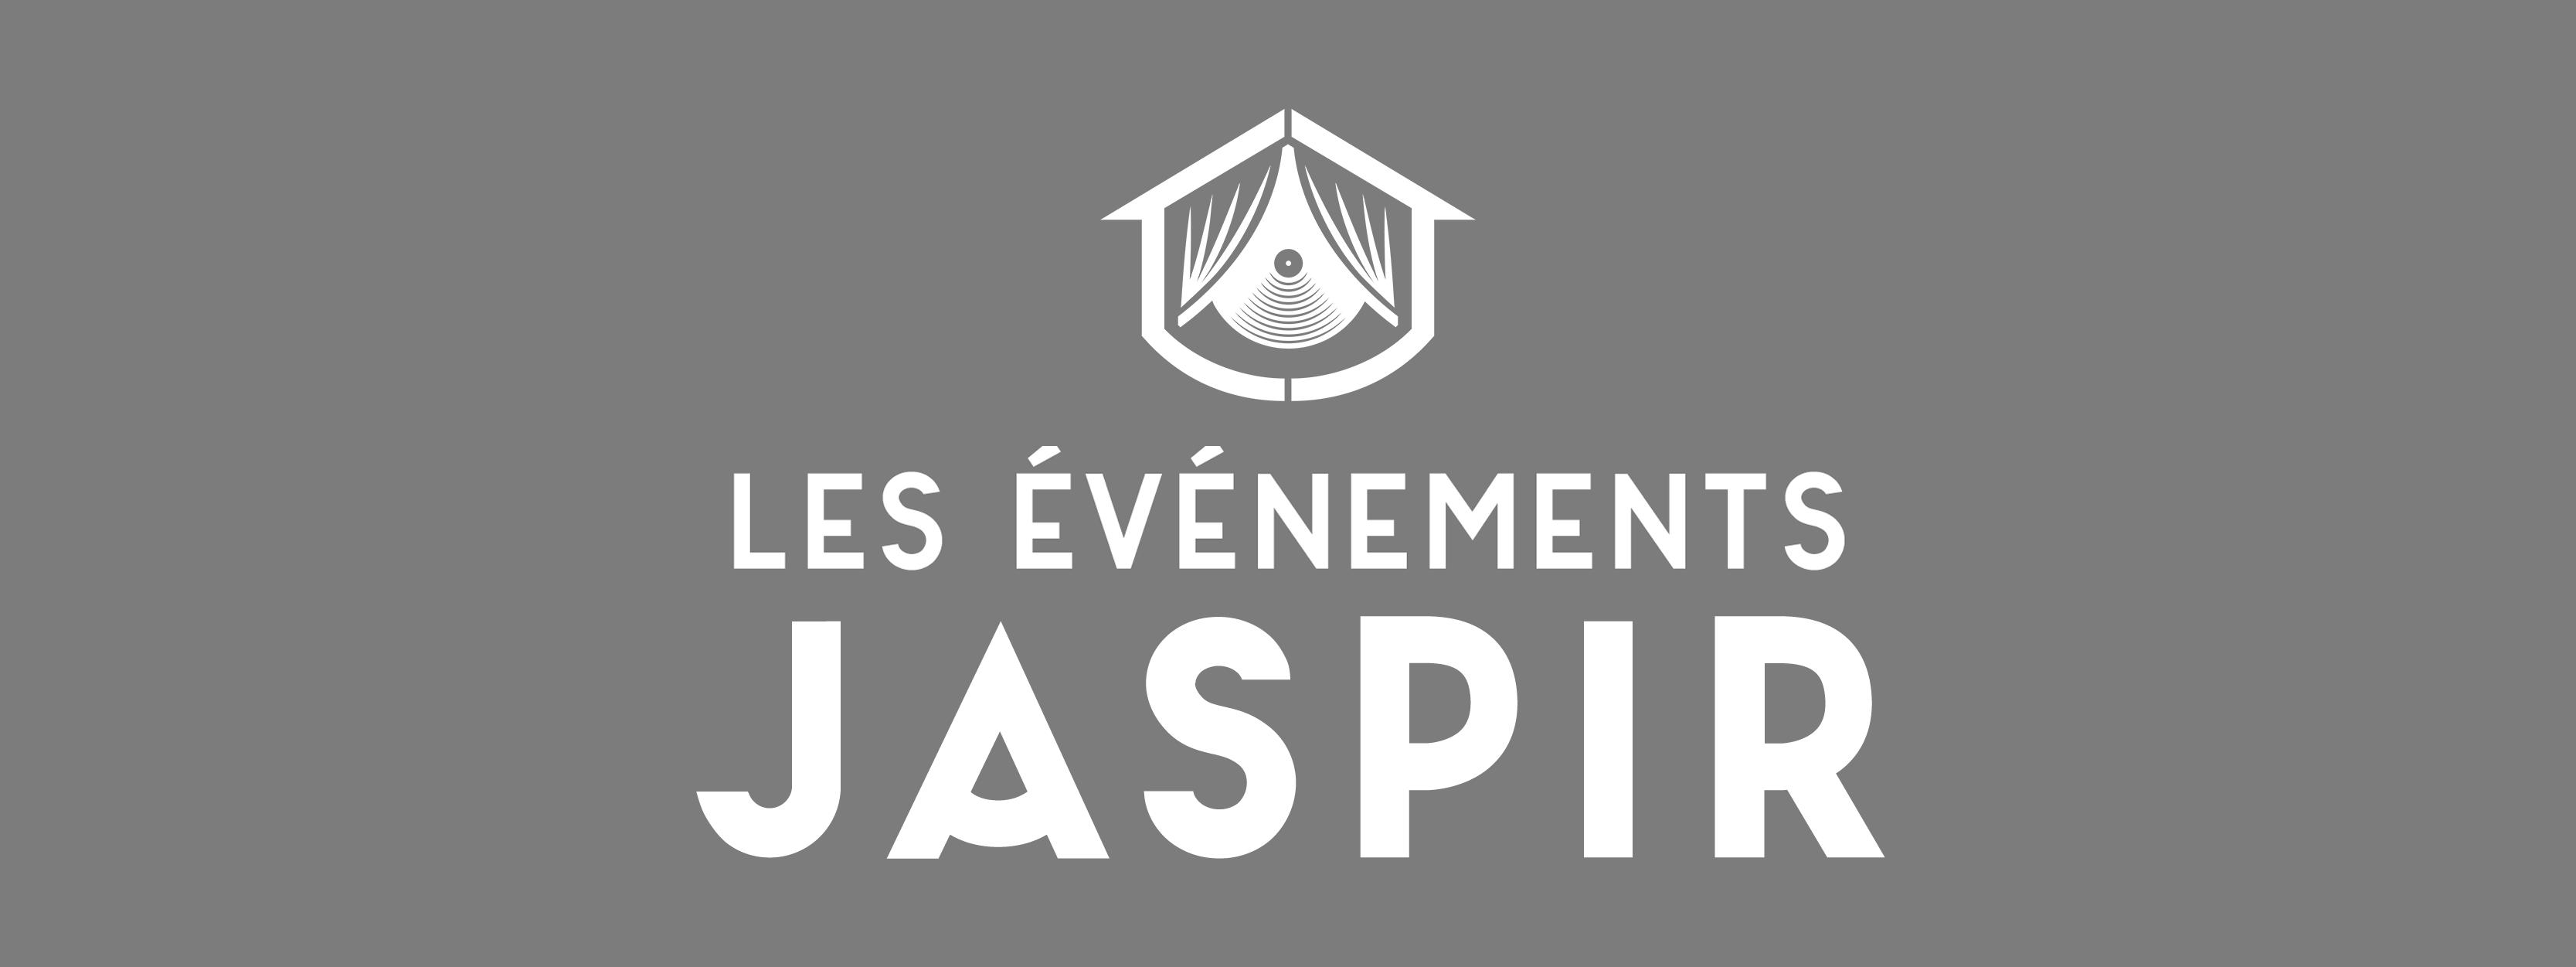 Les événements Jaspir - Lien agenda